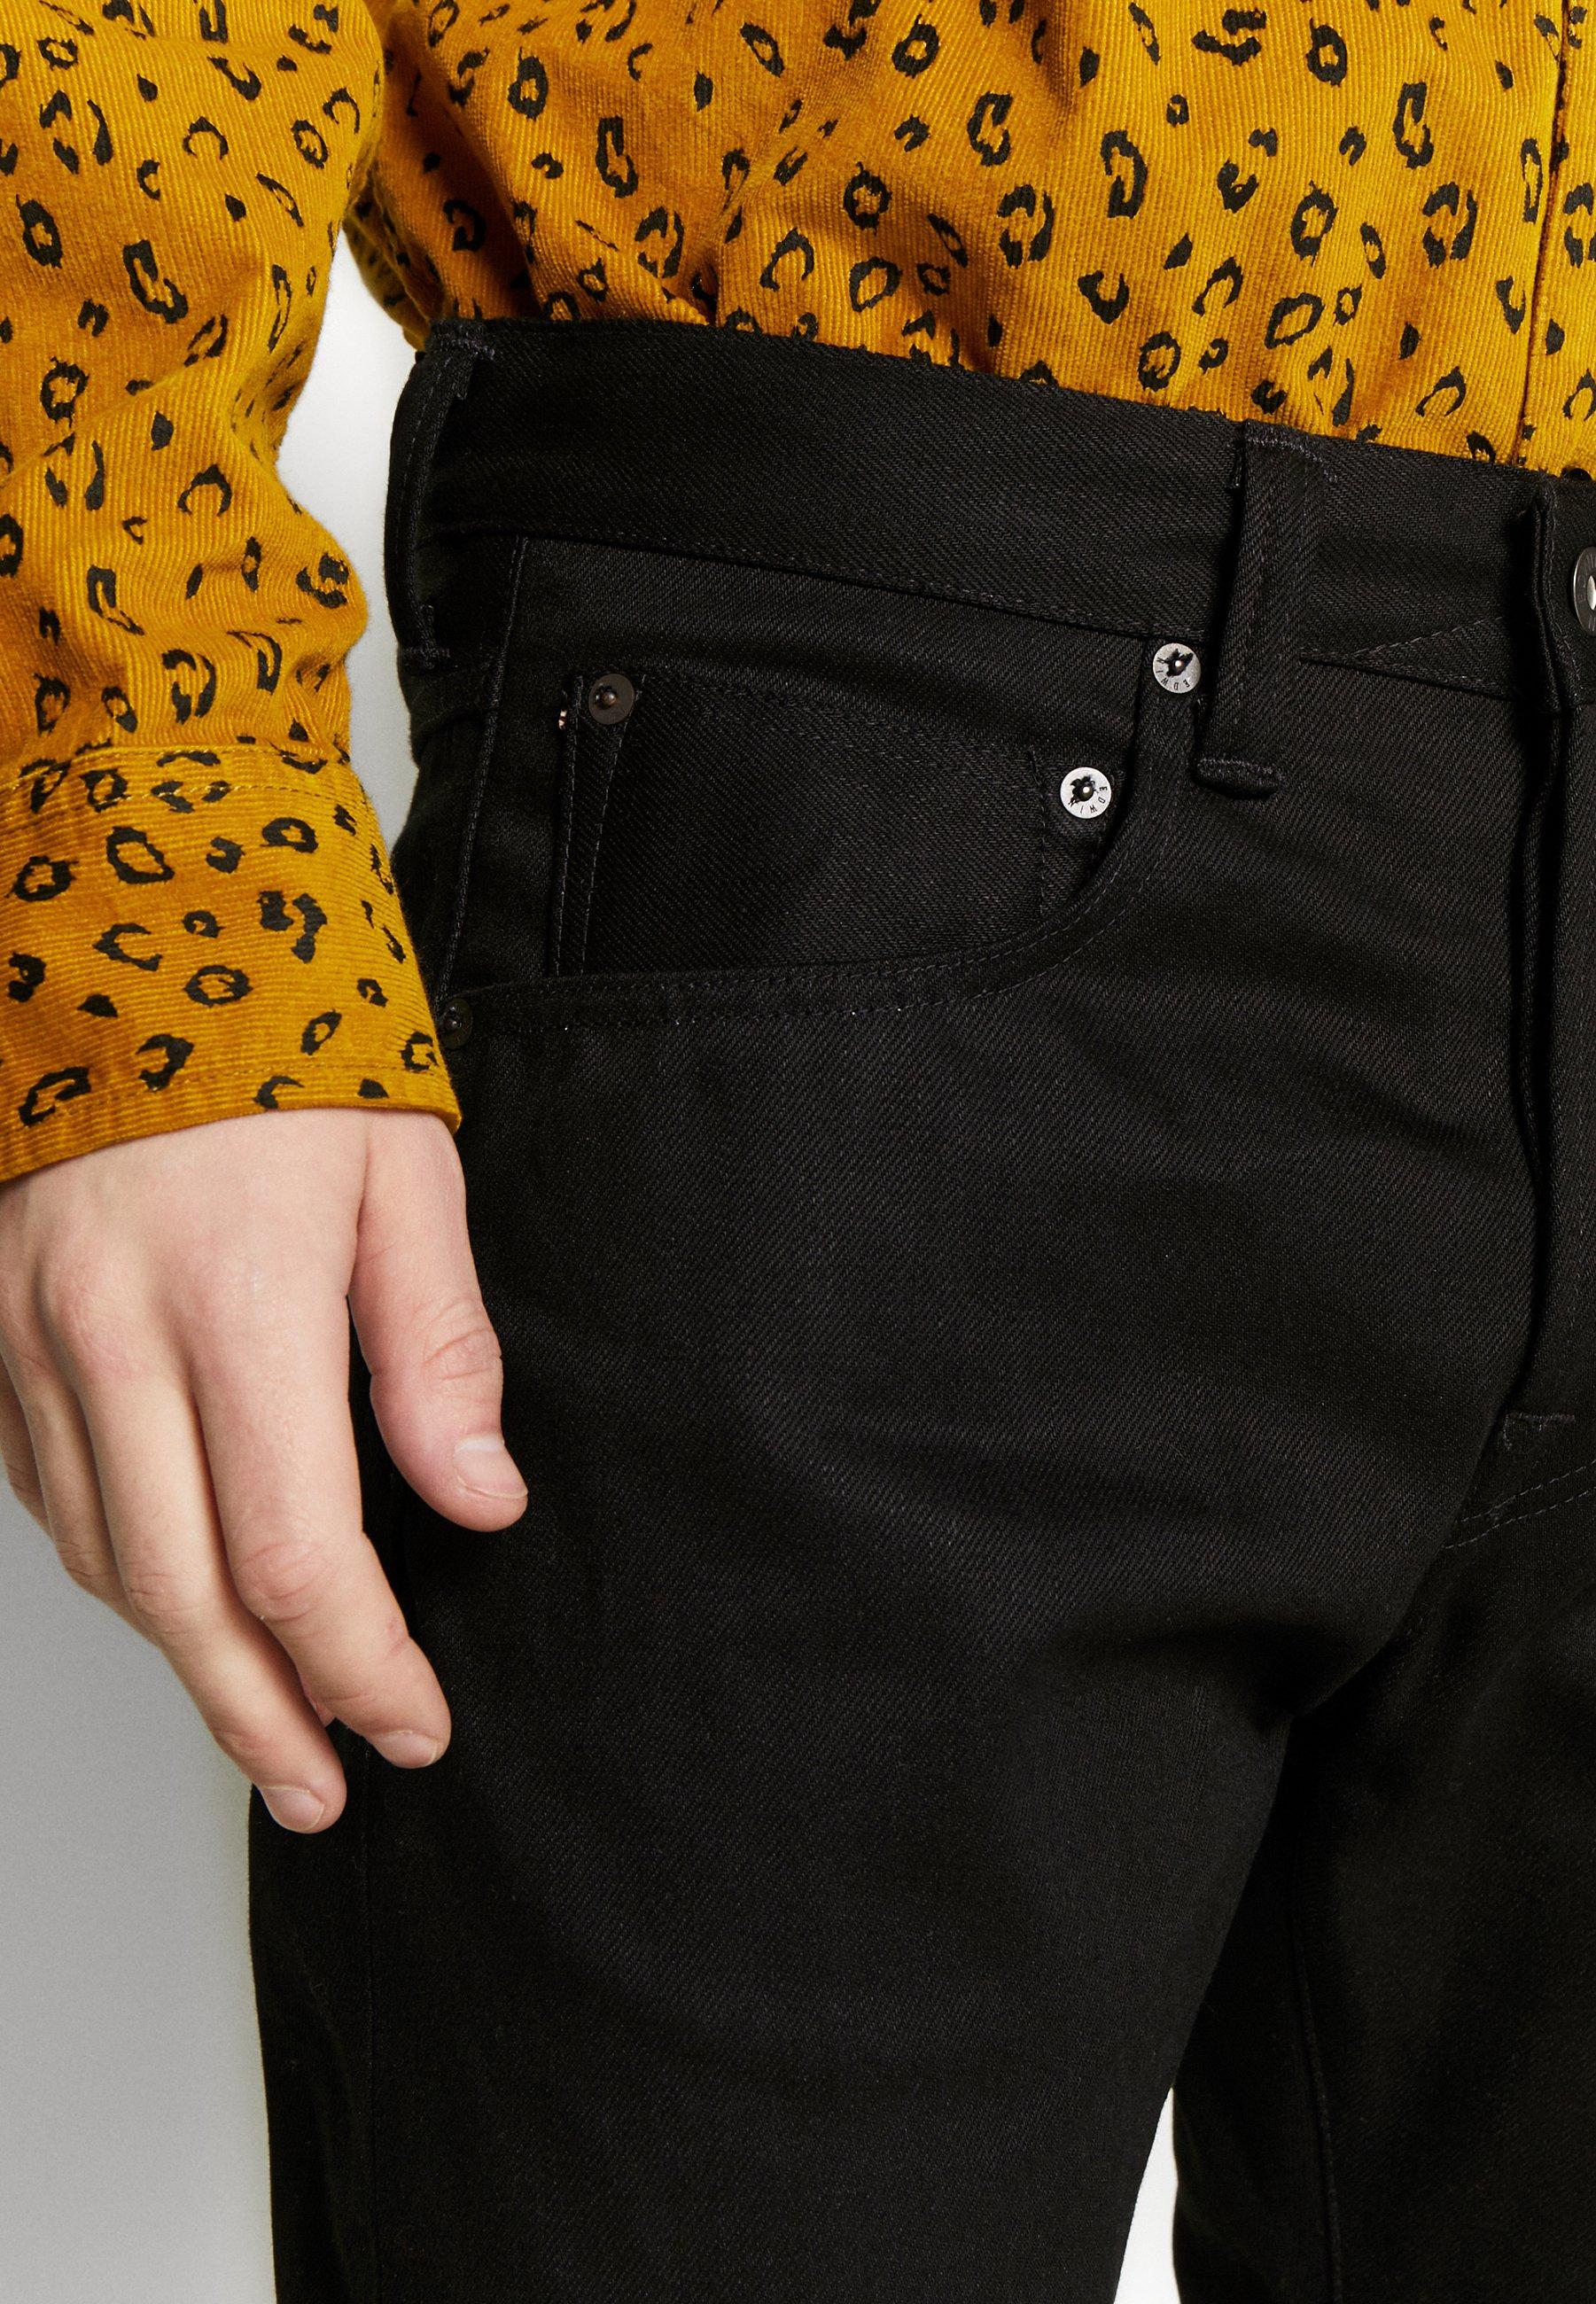 Monivärinen Miesten vaatteet Sarja dfKJIUp97454sfGHYHD Edwin Straight leg -farkut kaguya selvage black